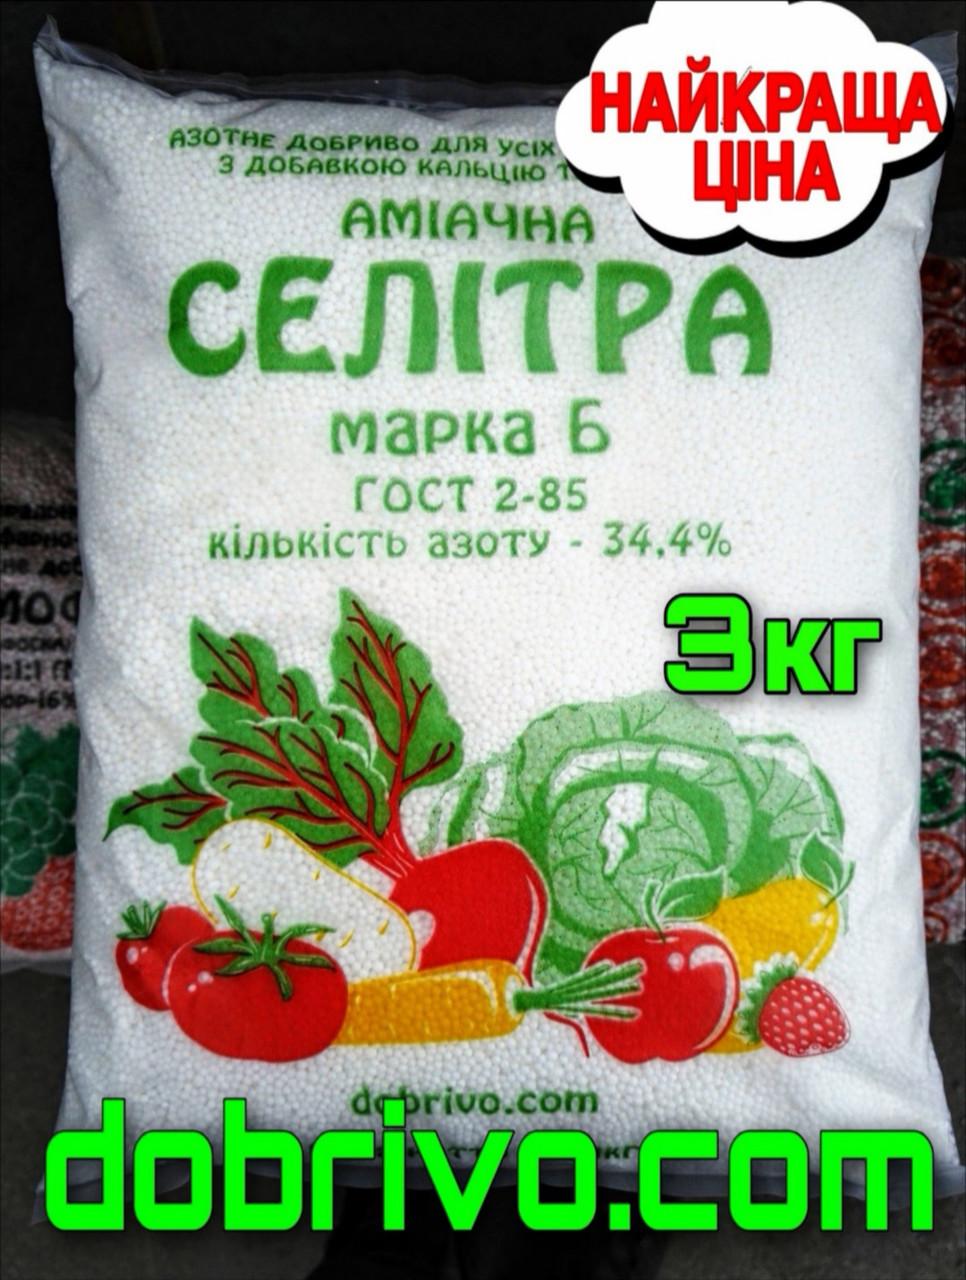 Селитра аммиачная 3 кг пакет N 34,4% Украина (лучшая цена купить оптом), фото 1